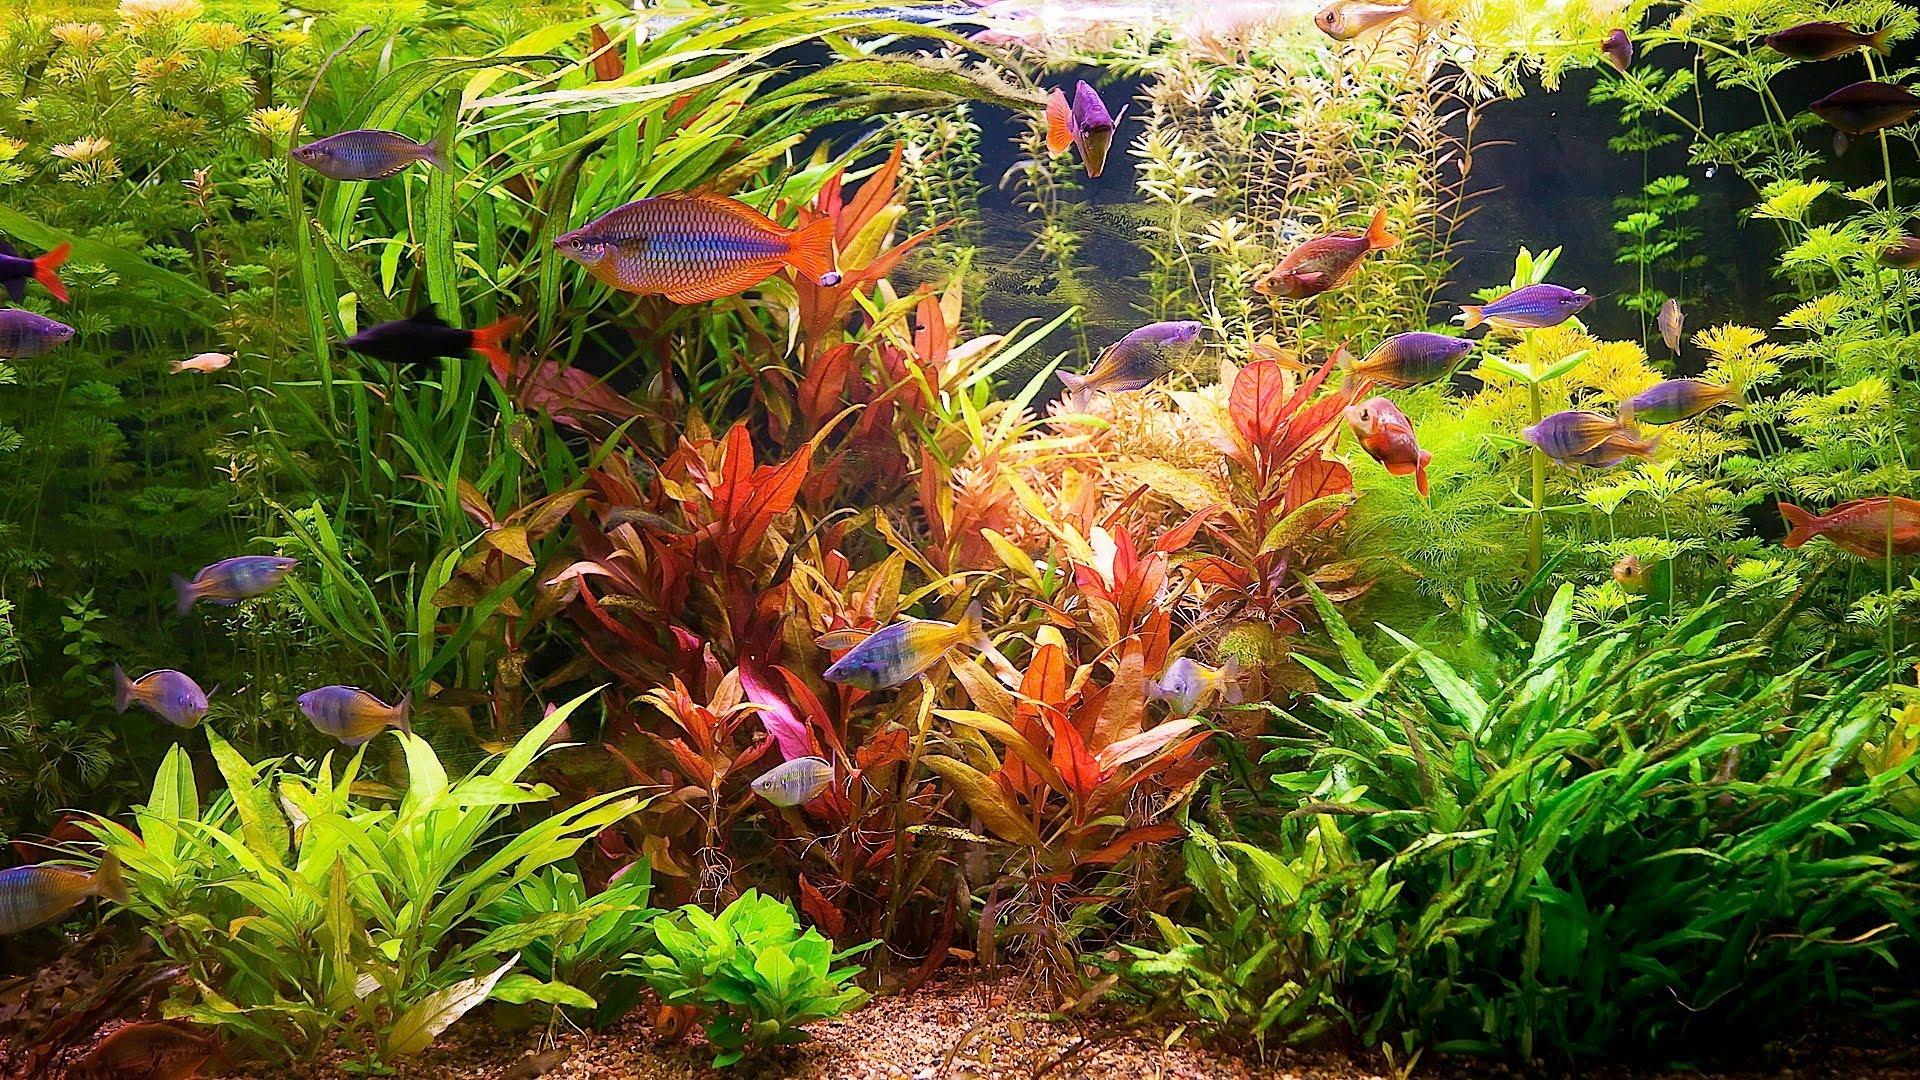 цветы картинки с рыбками качестве